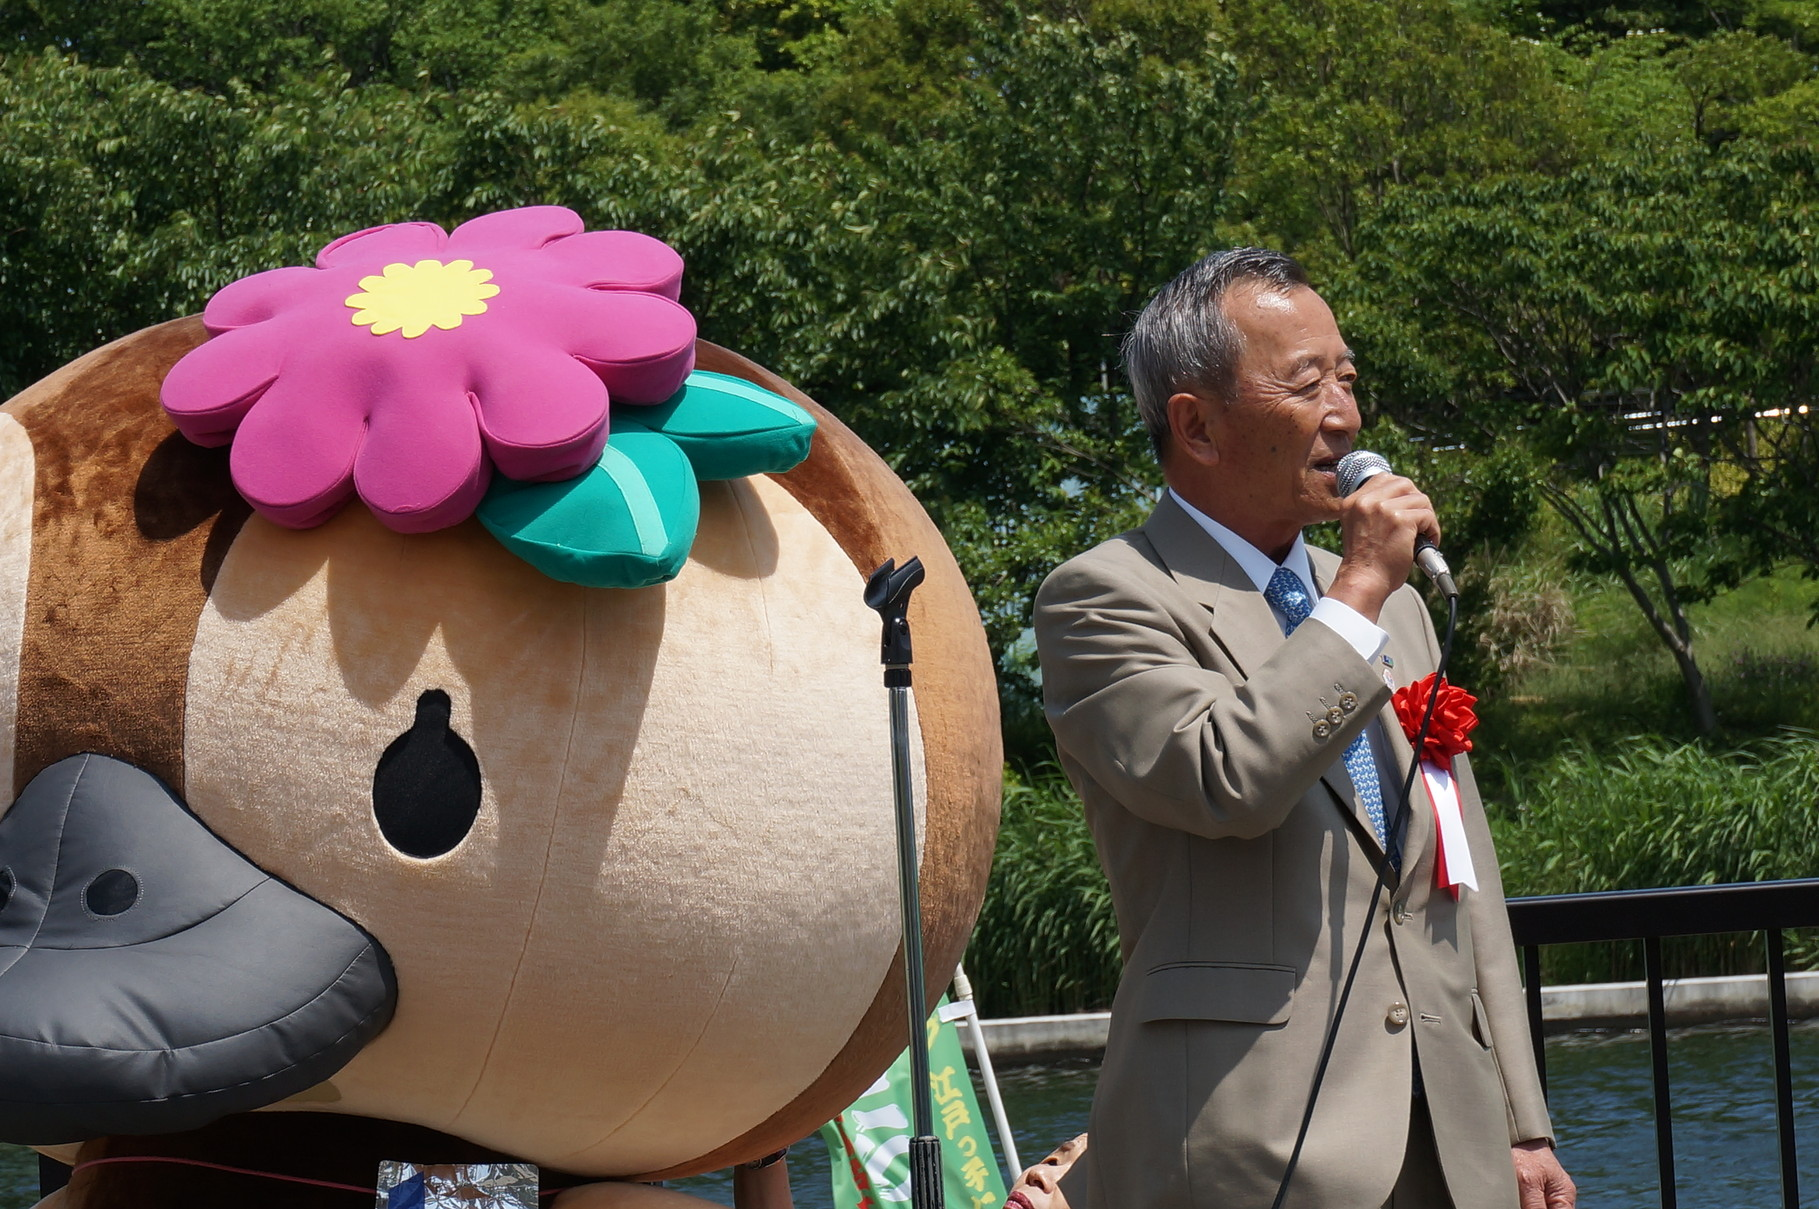 山崎江東区長とことみちゃんもかけつけました。